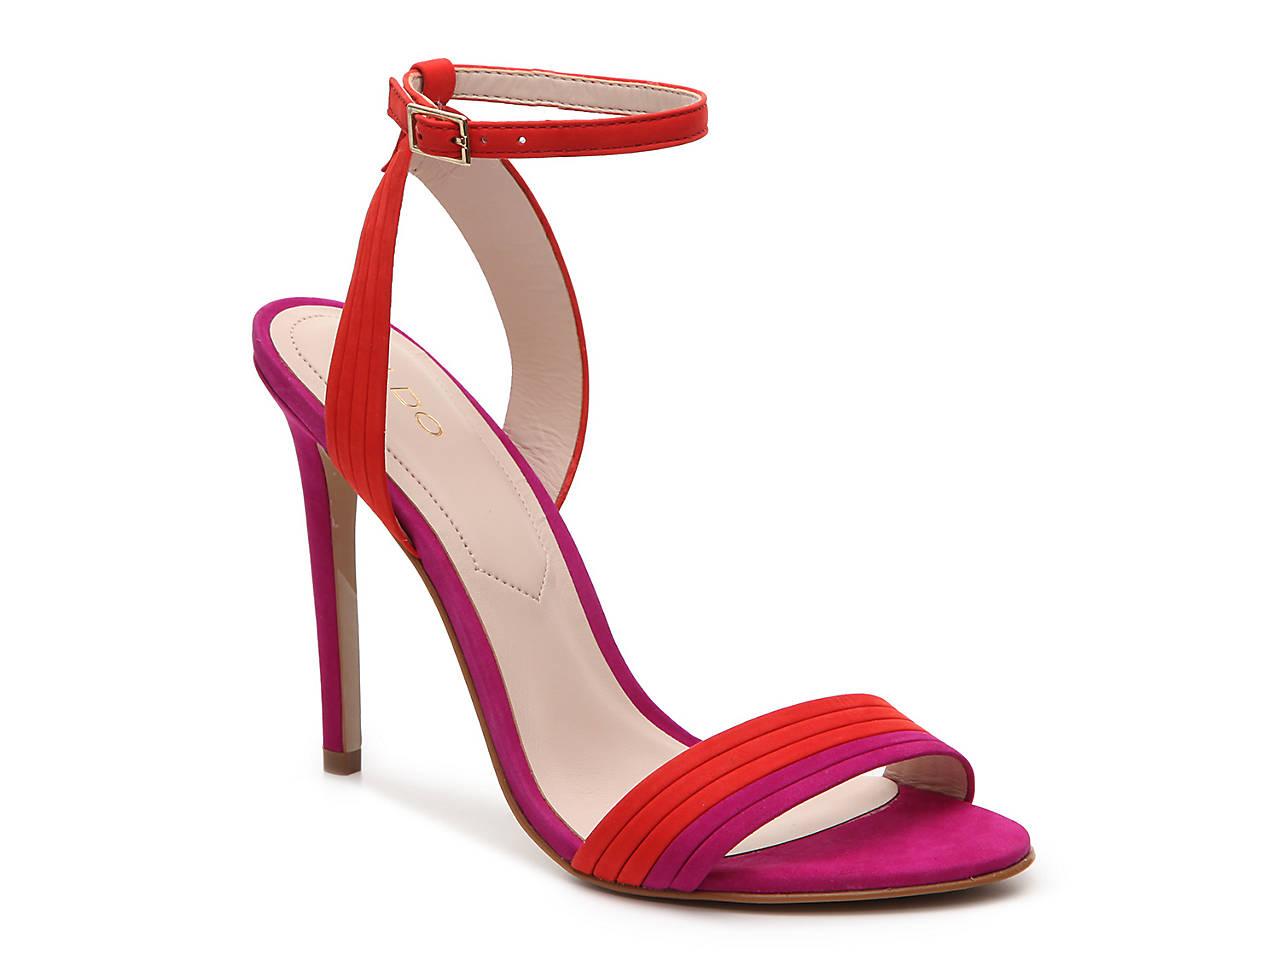 3edca7191ce Aldo Kaenavia Sandal Women s Shoes